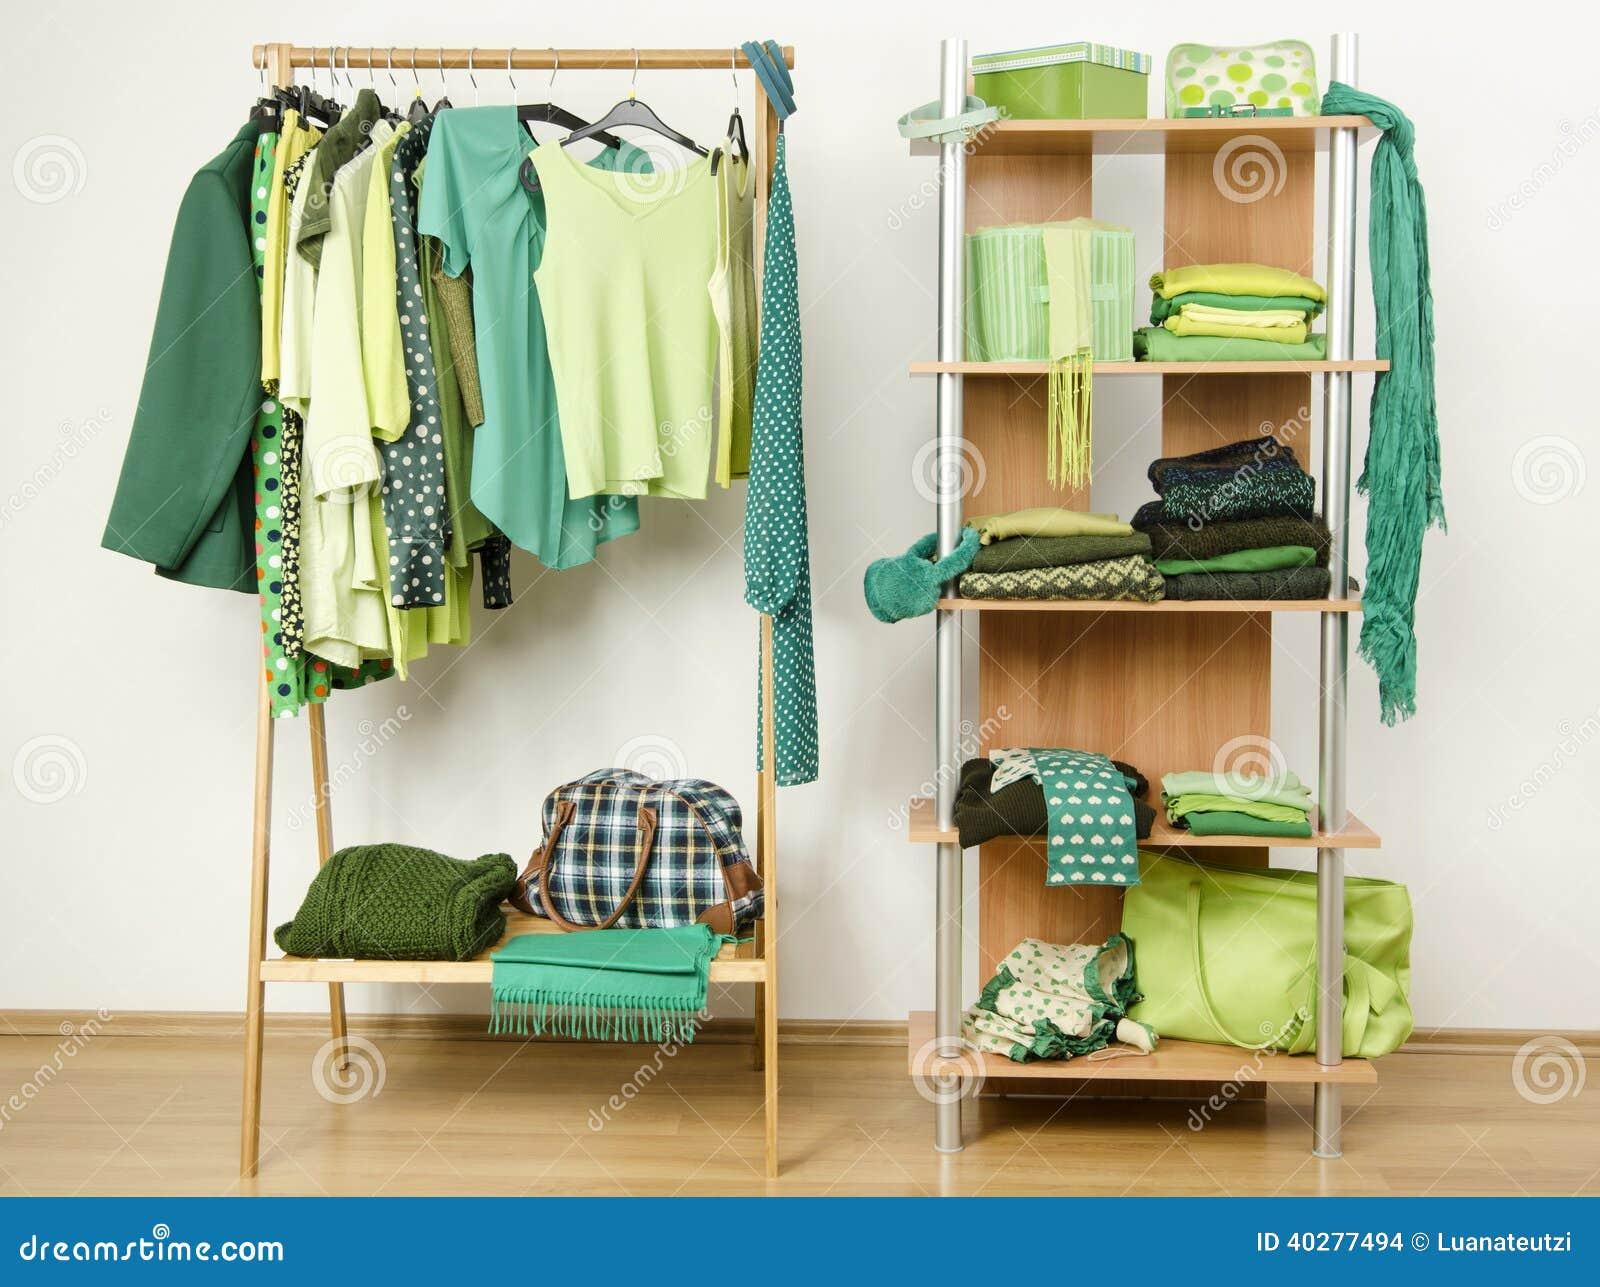 Одевать шкаф с зелеными одеждами аранжировал на вешалках и полке.